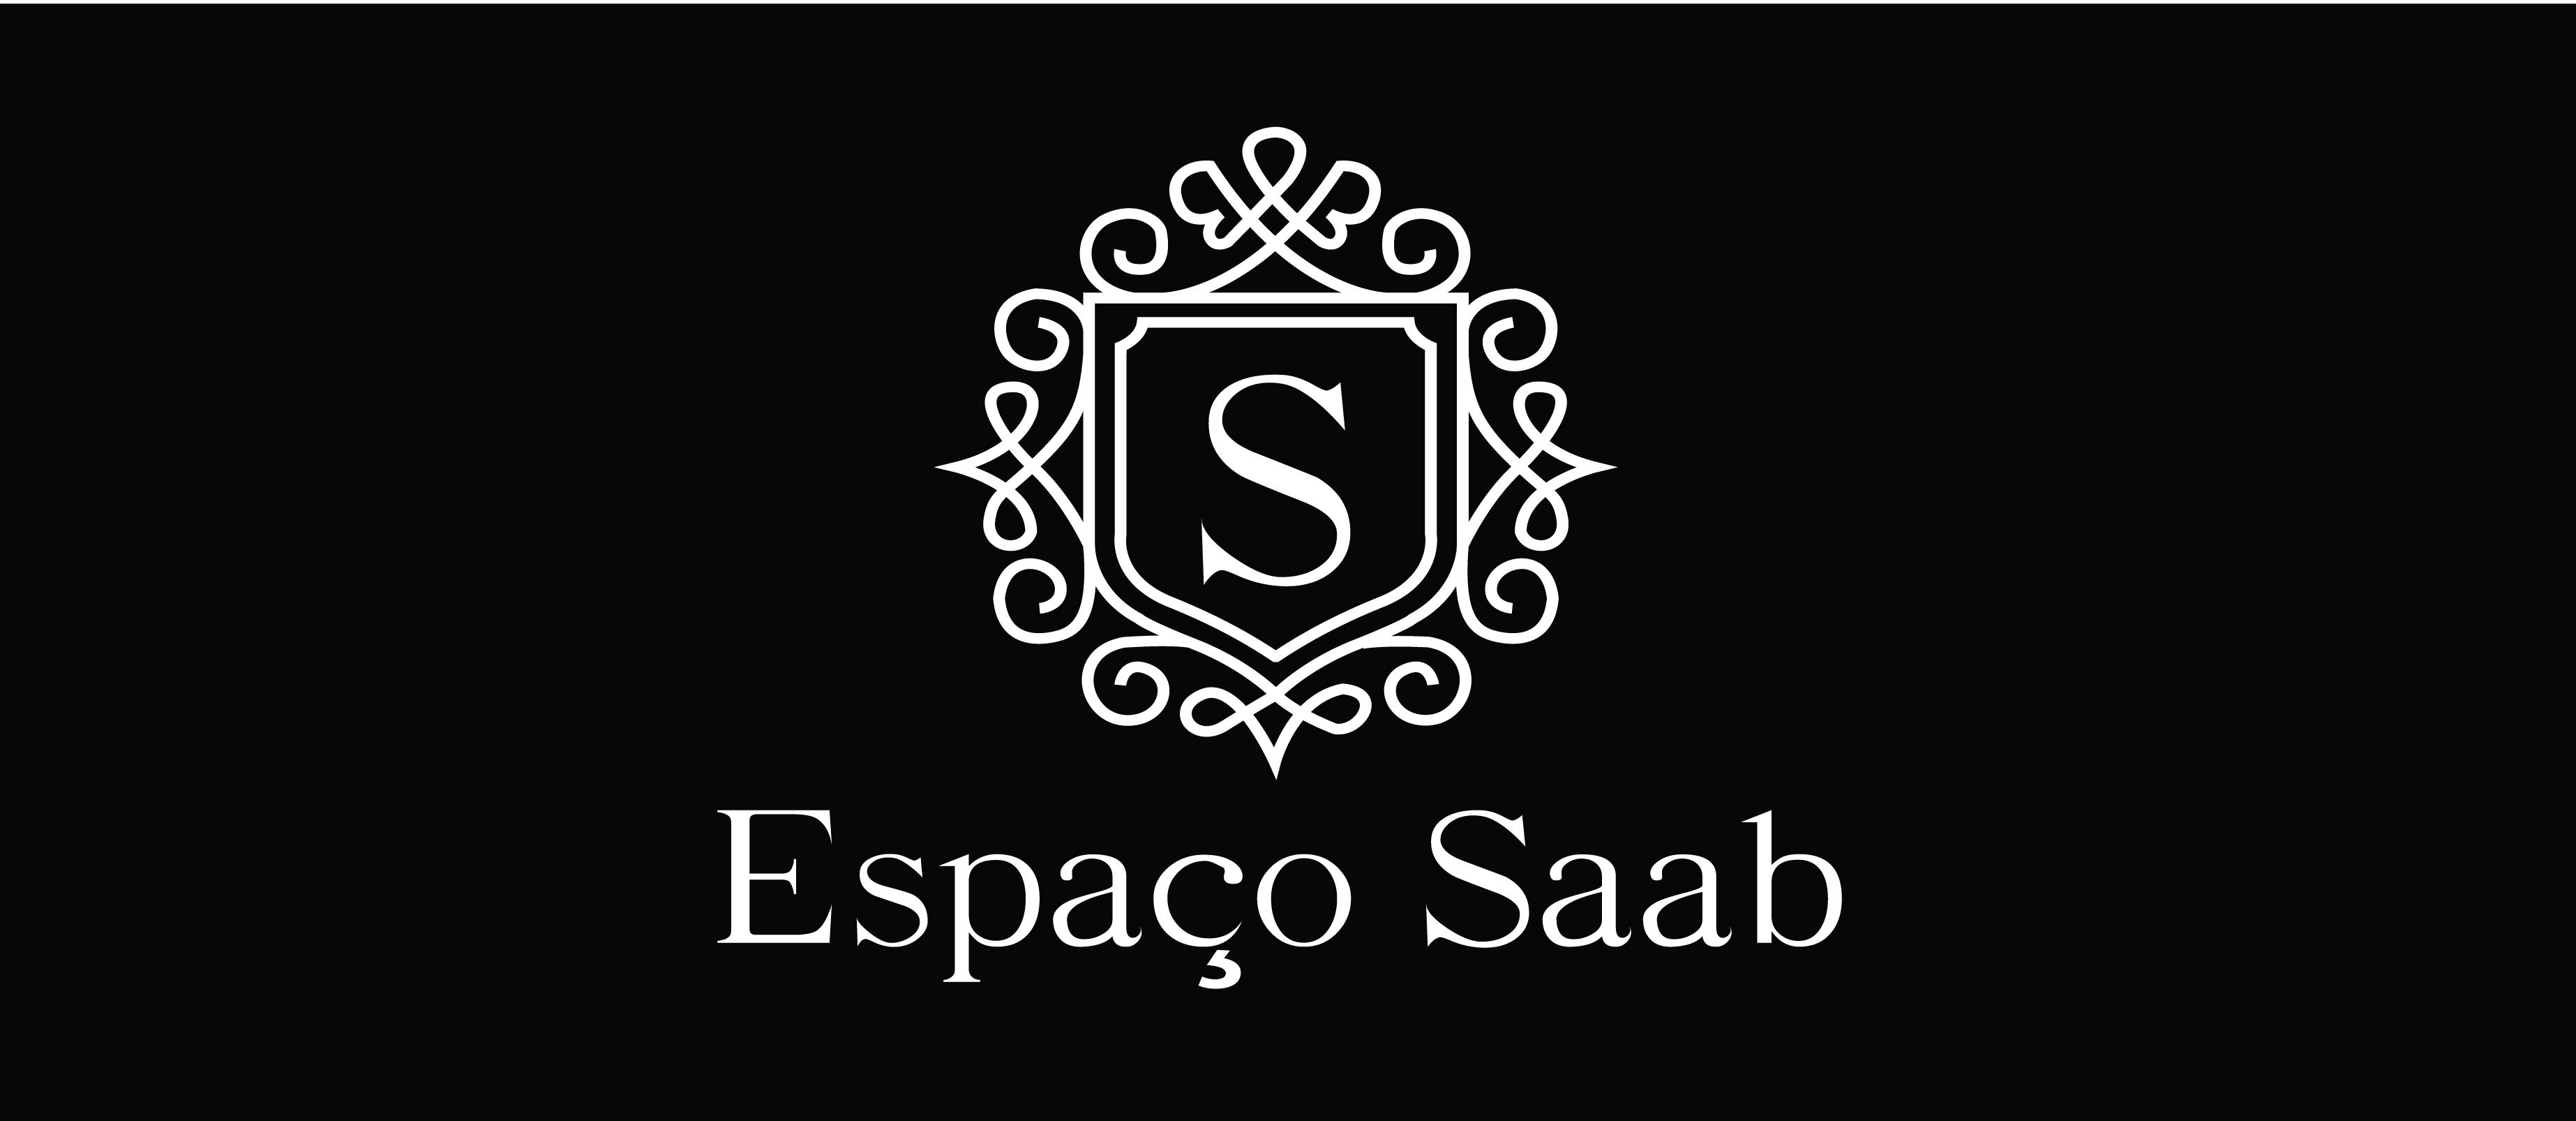 Espaço Saab